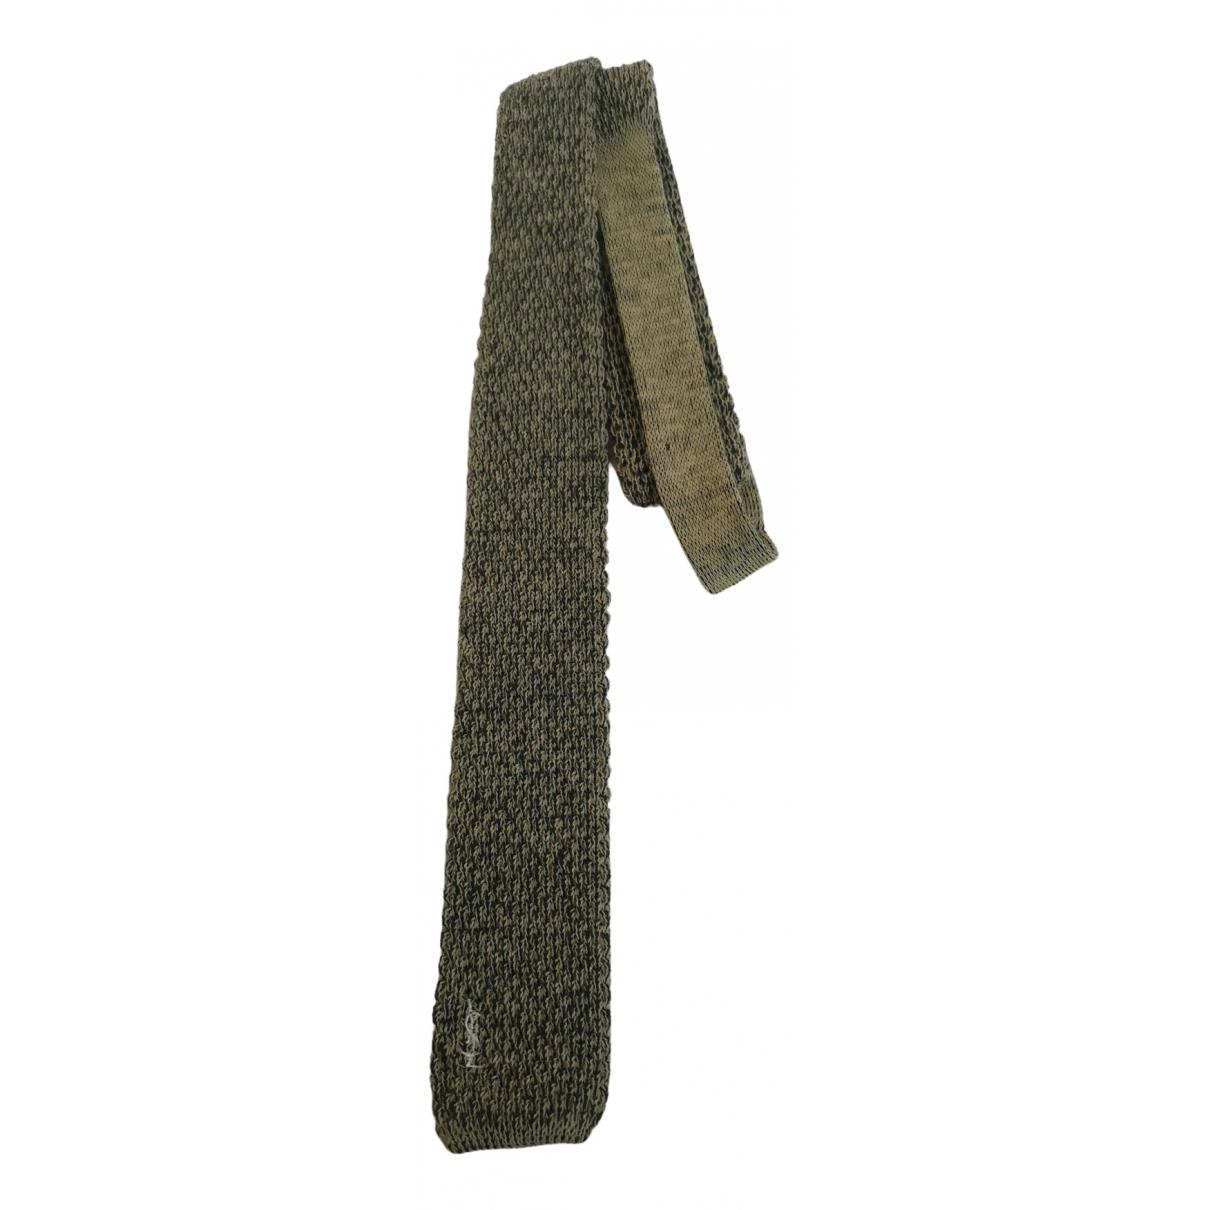 Yves Saint Laurent \N Krawatten in  Gruen Wolle